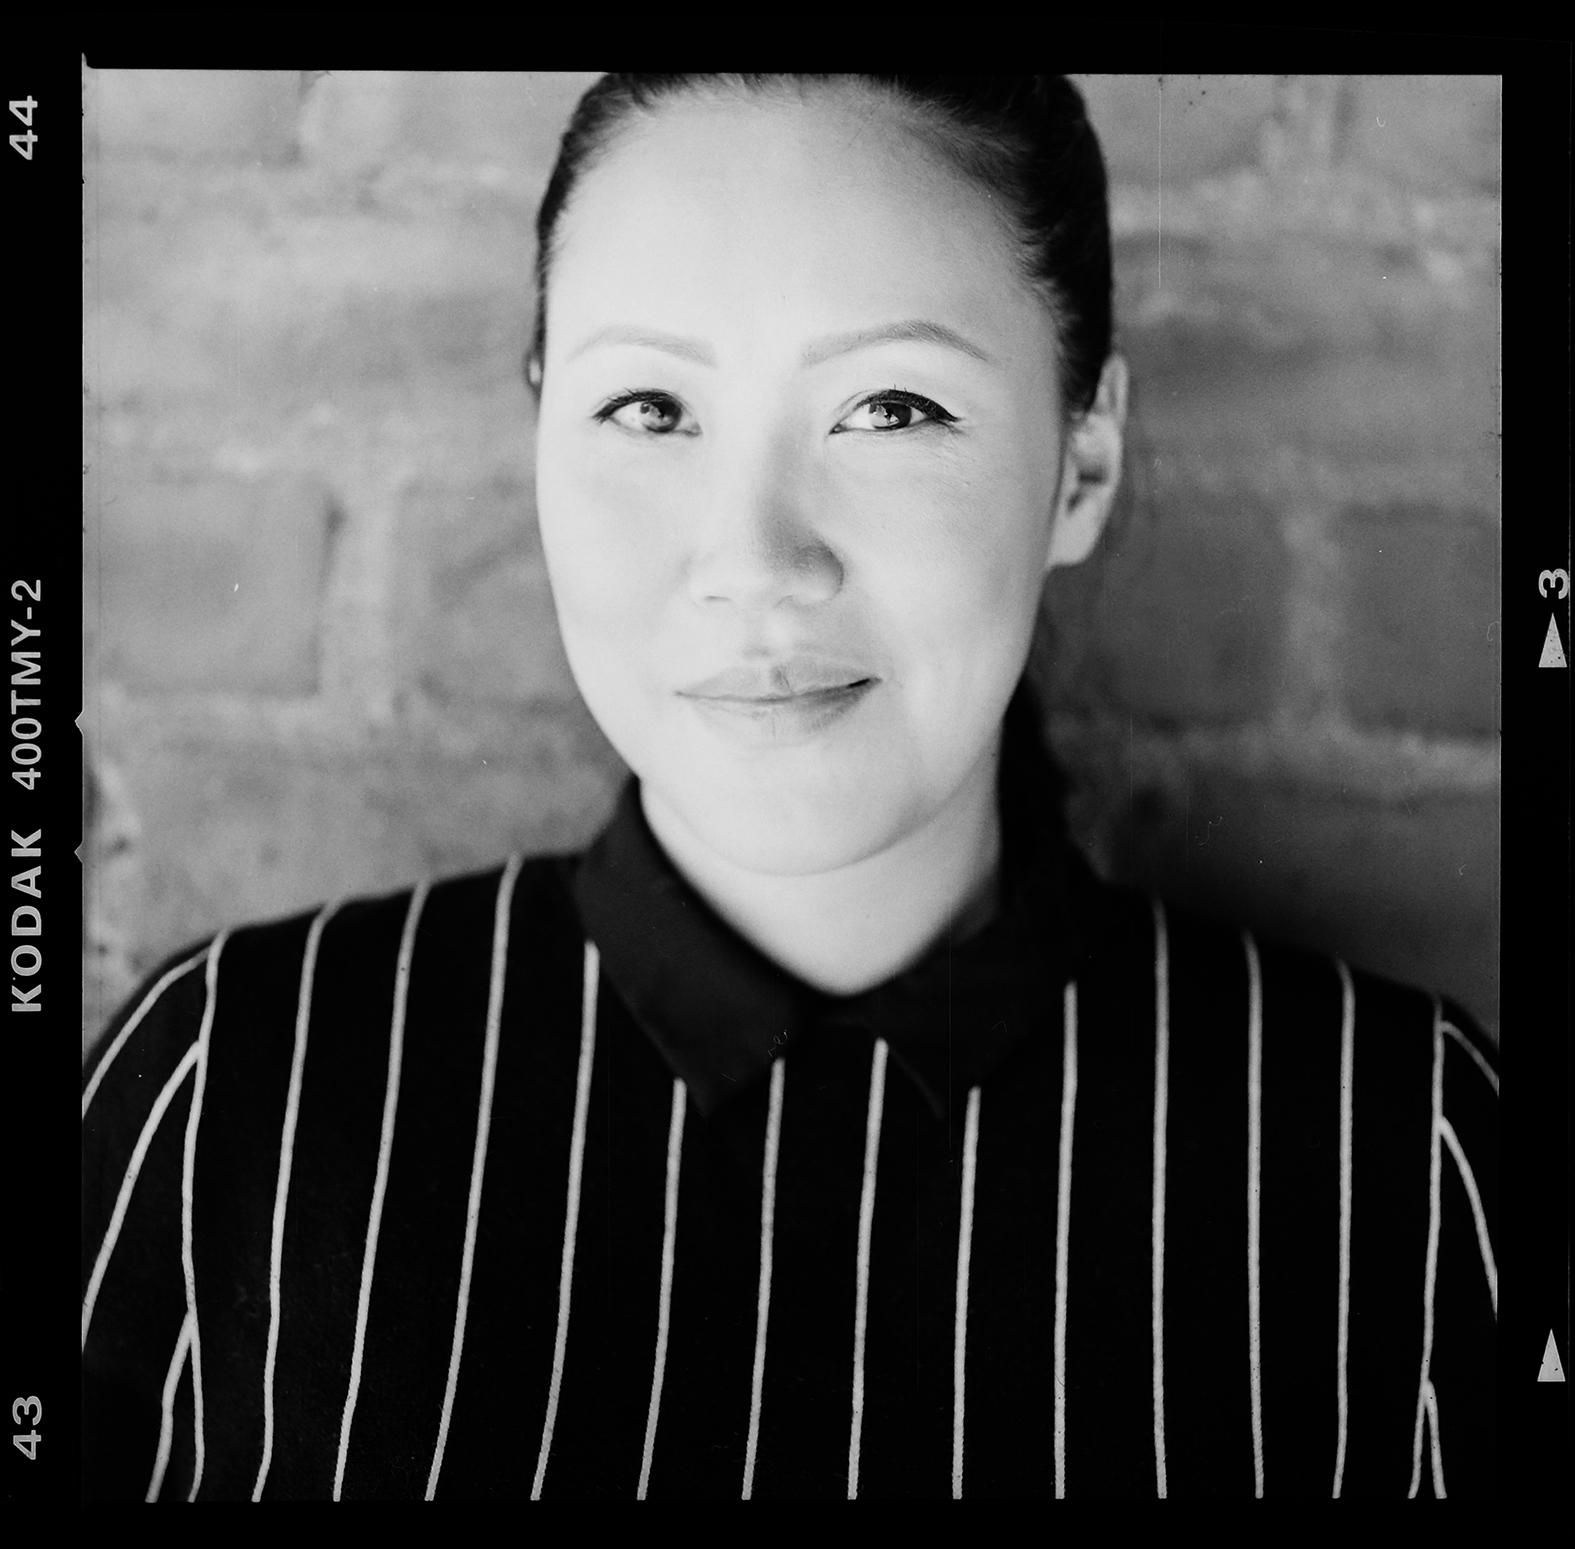 Illustratören och den uppmärksammade författaren Hue Huynh. Foto: Mikael Andersson, 2016-04-11, Hasselblad 500C/M, 120mm makro. Exponerad f4- 1/125sek.